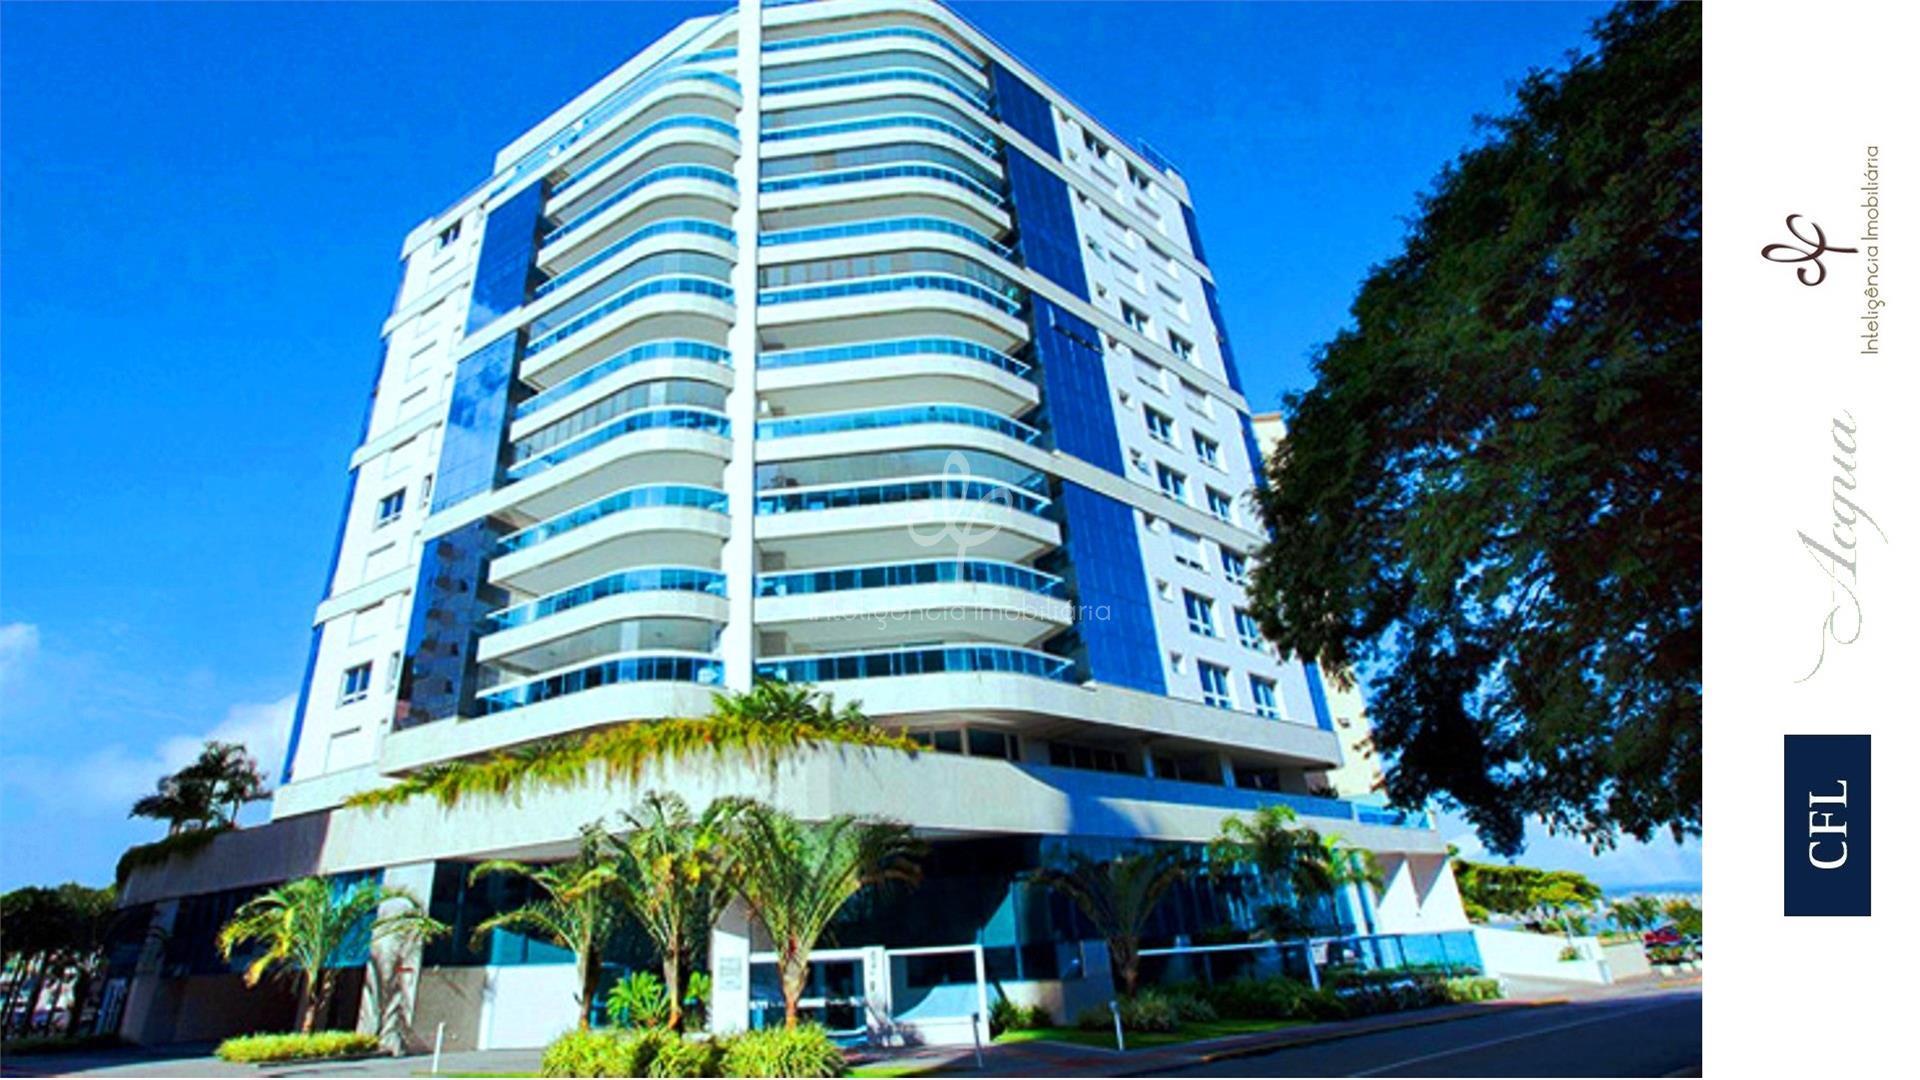 Amplo apartamento com 2 suítes e 3 vagas à venda próximo ao Beiramar Shopping em Florianópolis.